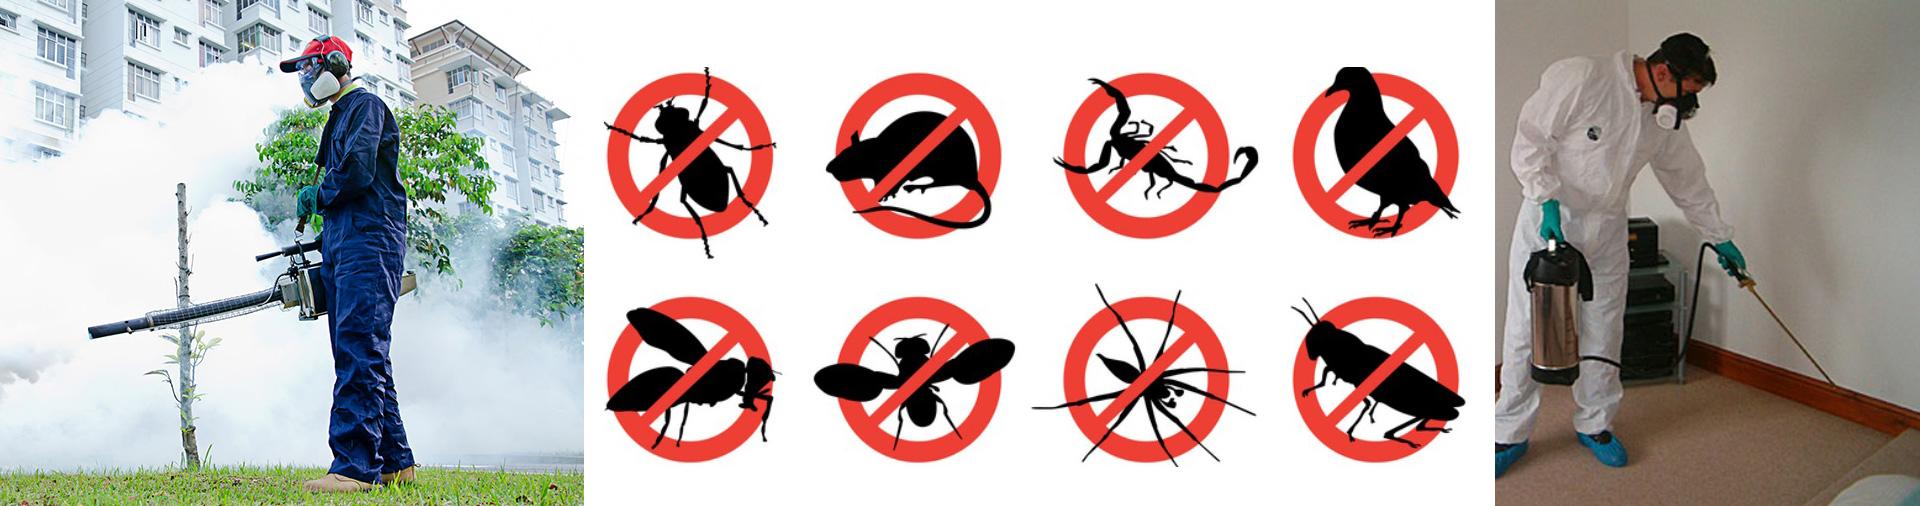 رش مبيدات حشرية بالرياض 0552398100 في المنزل افضل شركة بالدمام بالخبر بالخرج.